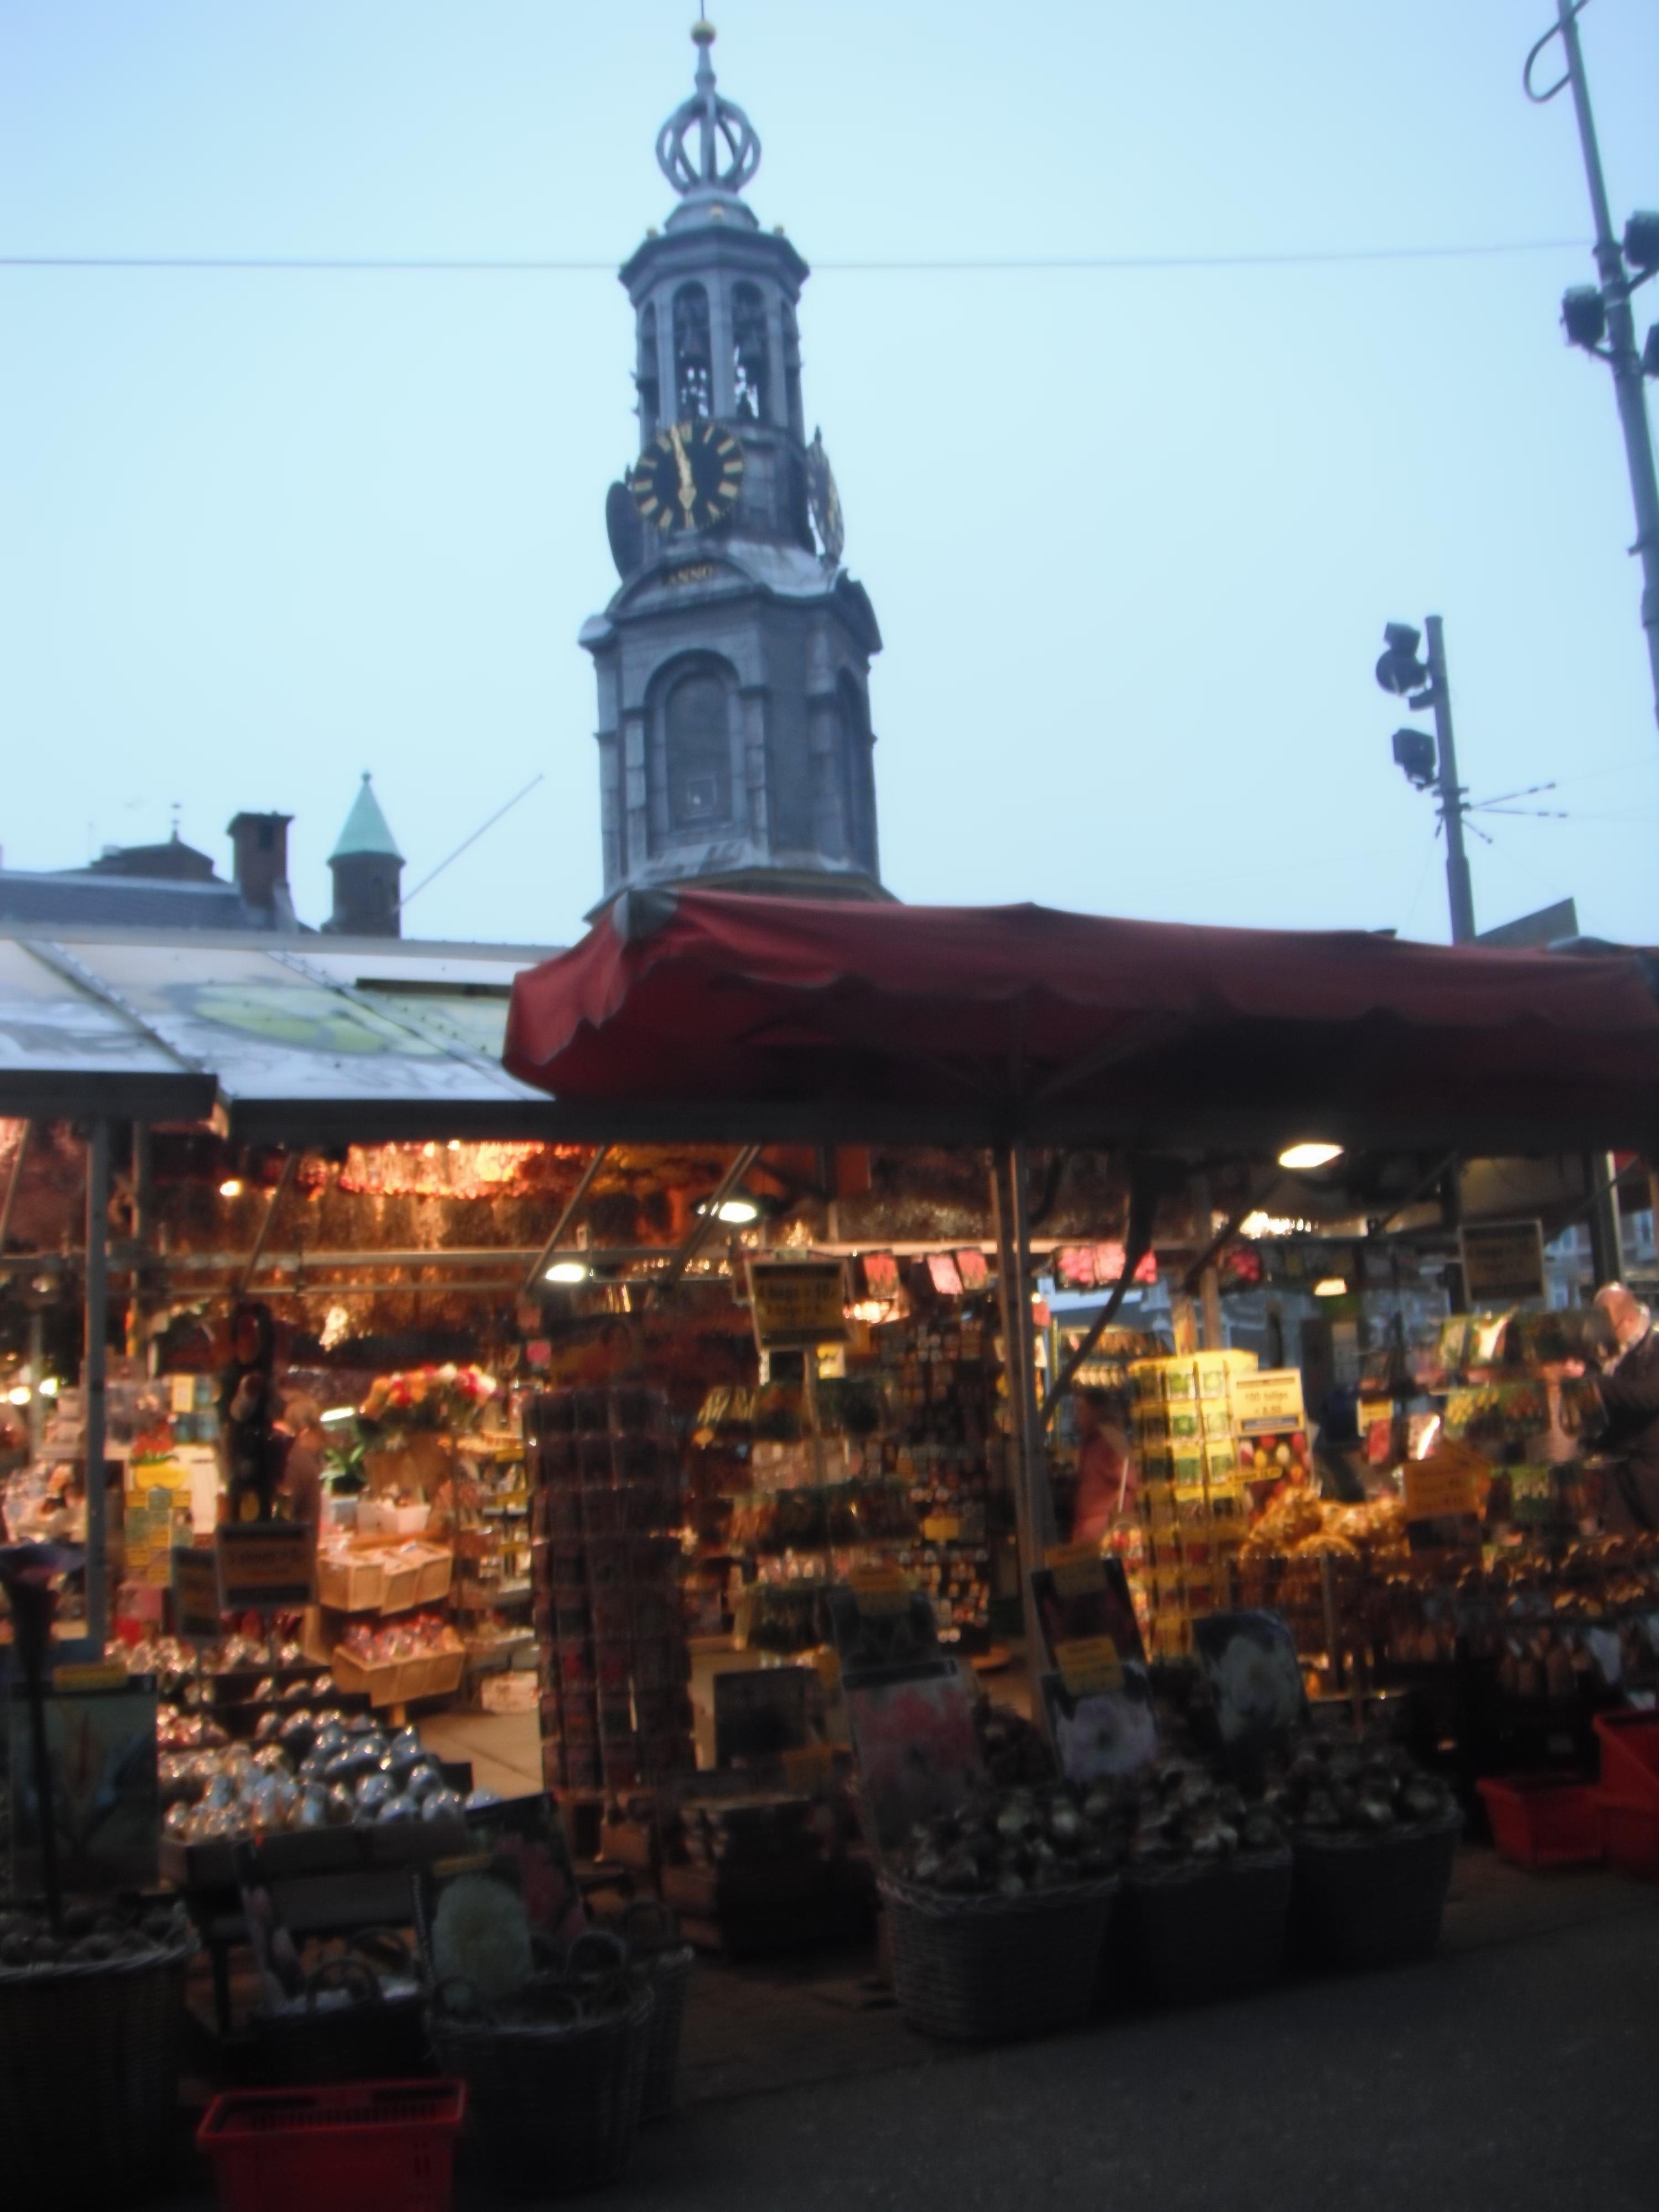 Амстердам Цветочный рынок  и Монетная башня 01.03.2012